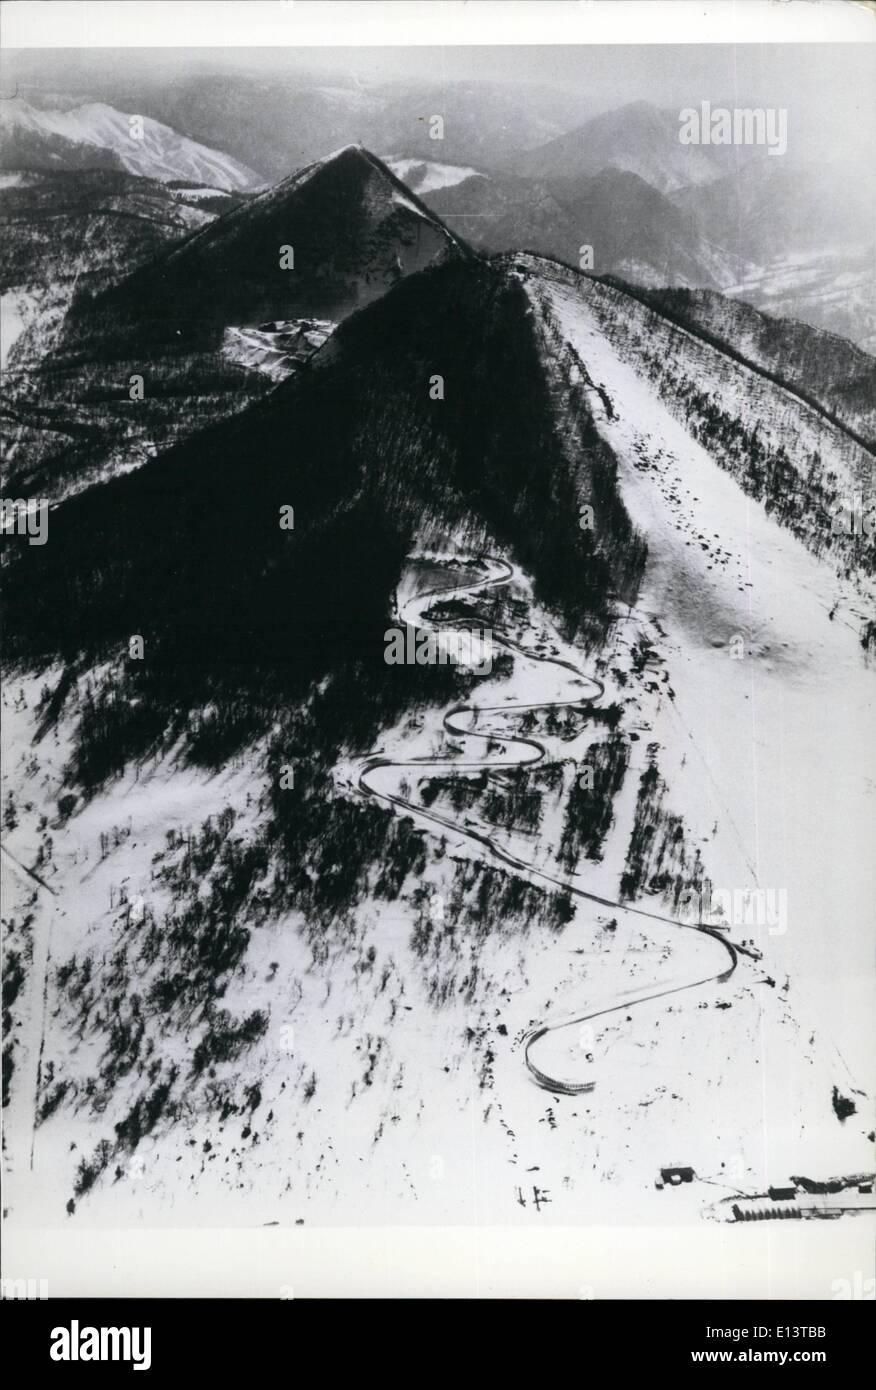 Marzo 27, 2012 - El sitio para los Juegos Olímpicos de Invierno de 1972. 14 sitios para los Juegos Olímpicos de Invierno de 1972 han sido seleccionados en Sappero Ciudad y montañas cercanas de Hokkaido, Japón;s, la isla más septentrional y los preparativos ya están en marcha en la remodelación y construcción de los diversos sitios para el gran acontecimiento. Muestra Fotográfica: La Fujino Luge Curso - este será el primer curso de luge ordinario establecido en el Japón, en la ladera de una montaña a 15 kilómetros al sudoeste de la ciudad de Sapporo, en un sitio adyacente al Fujino Esquí tierra. Imagen De Stock